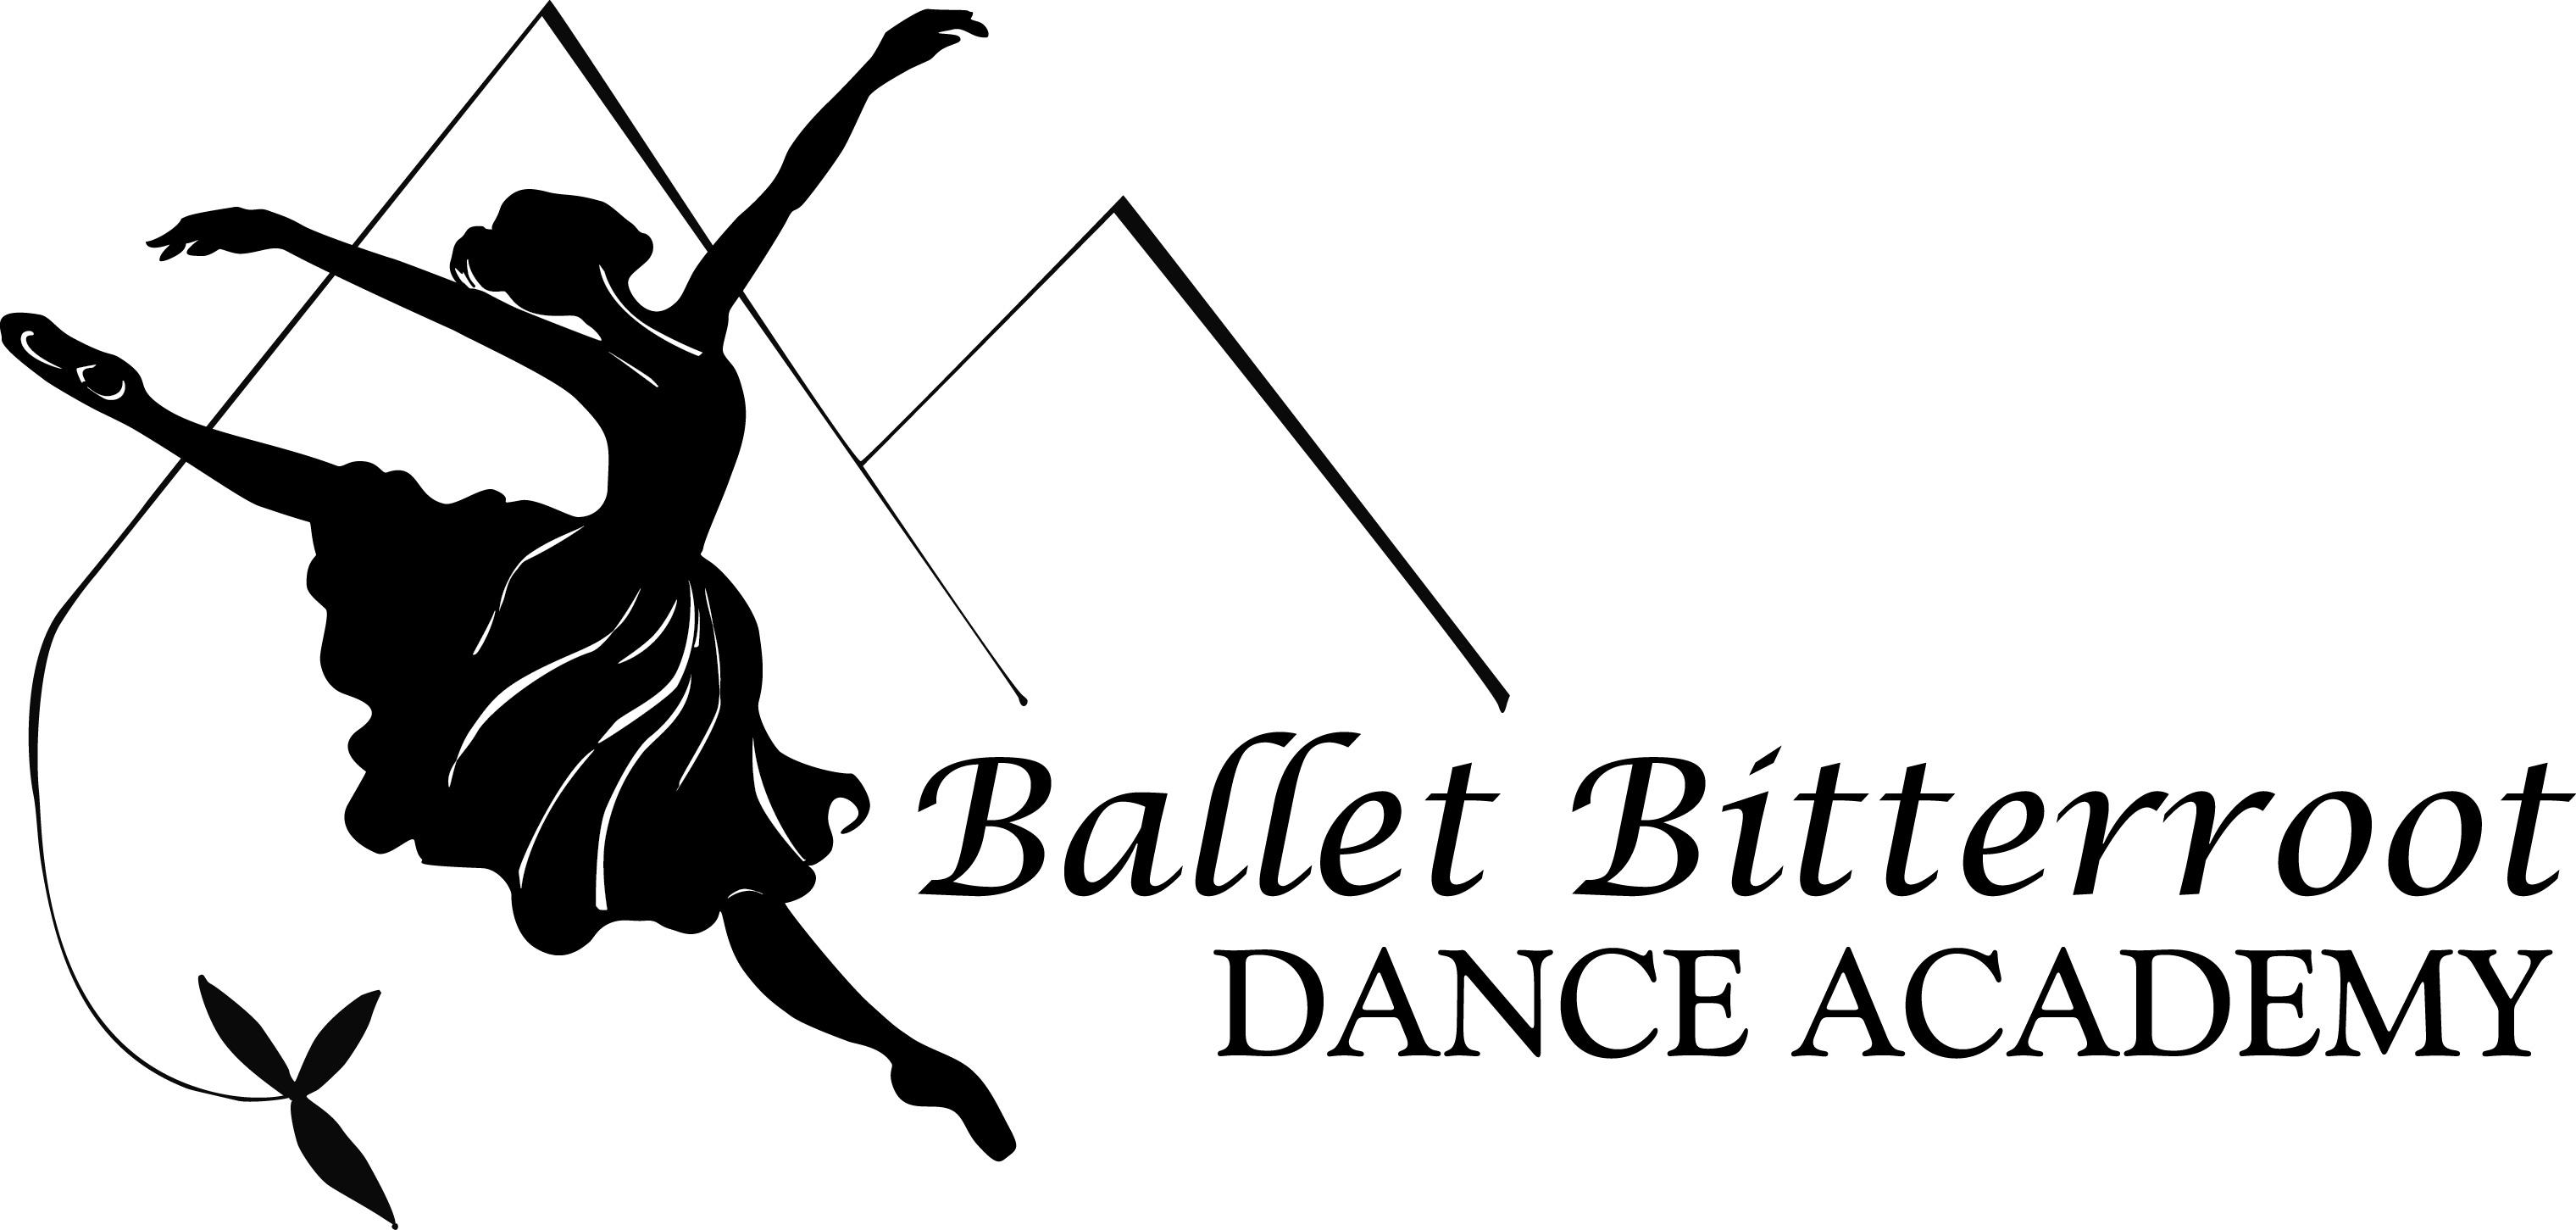 Ballet Bitterroot